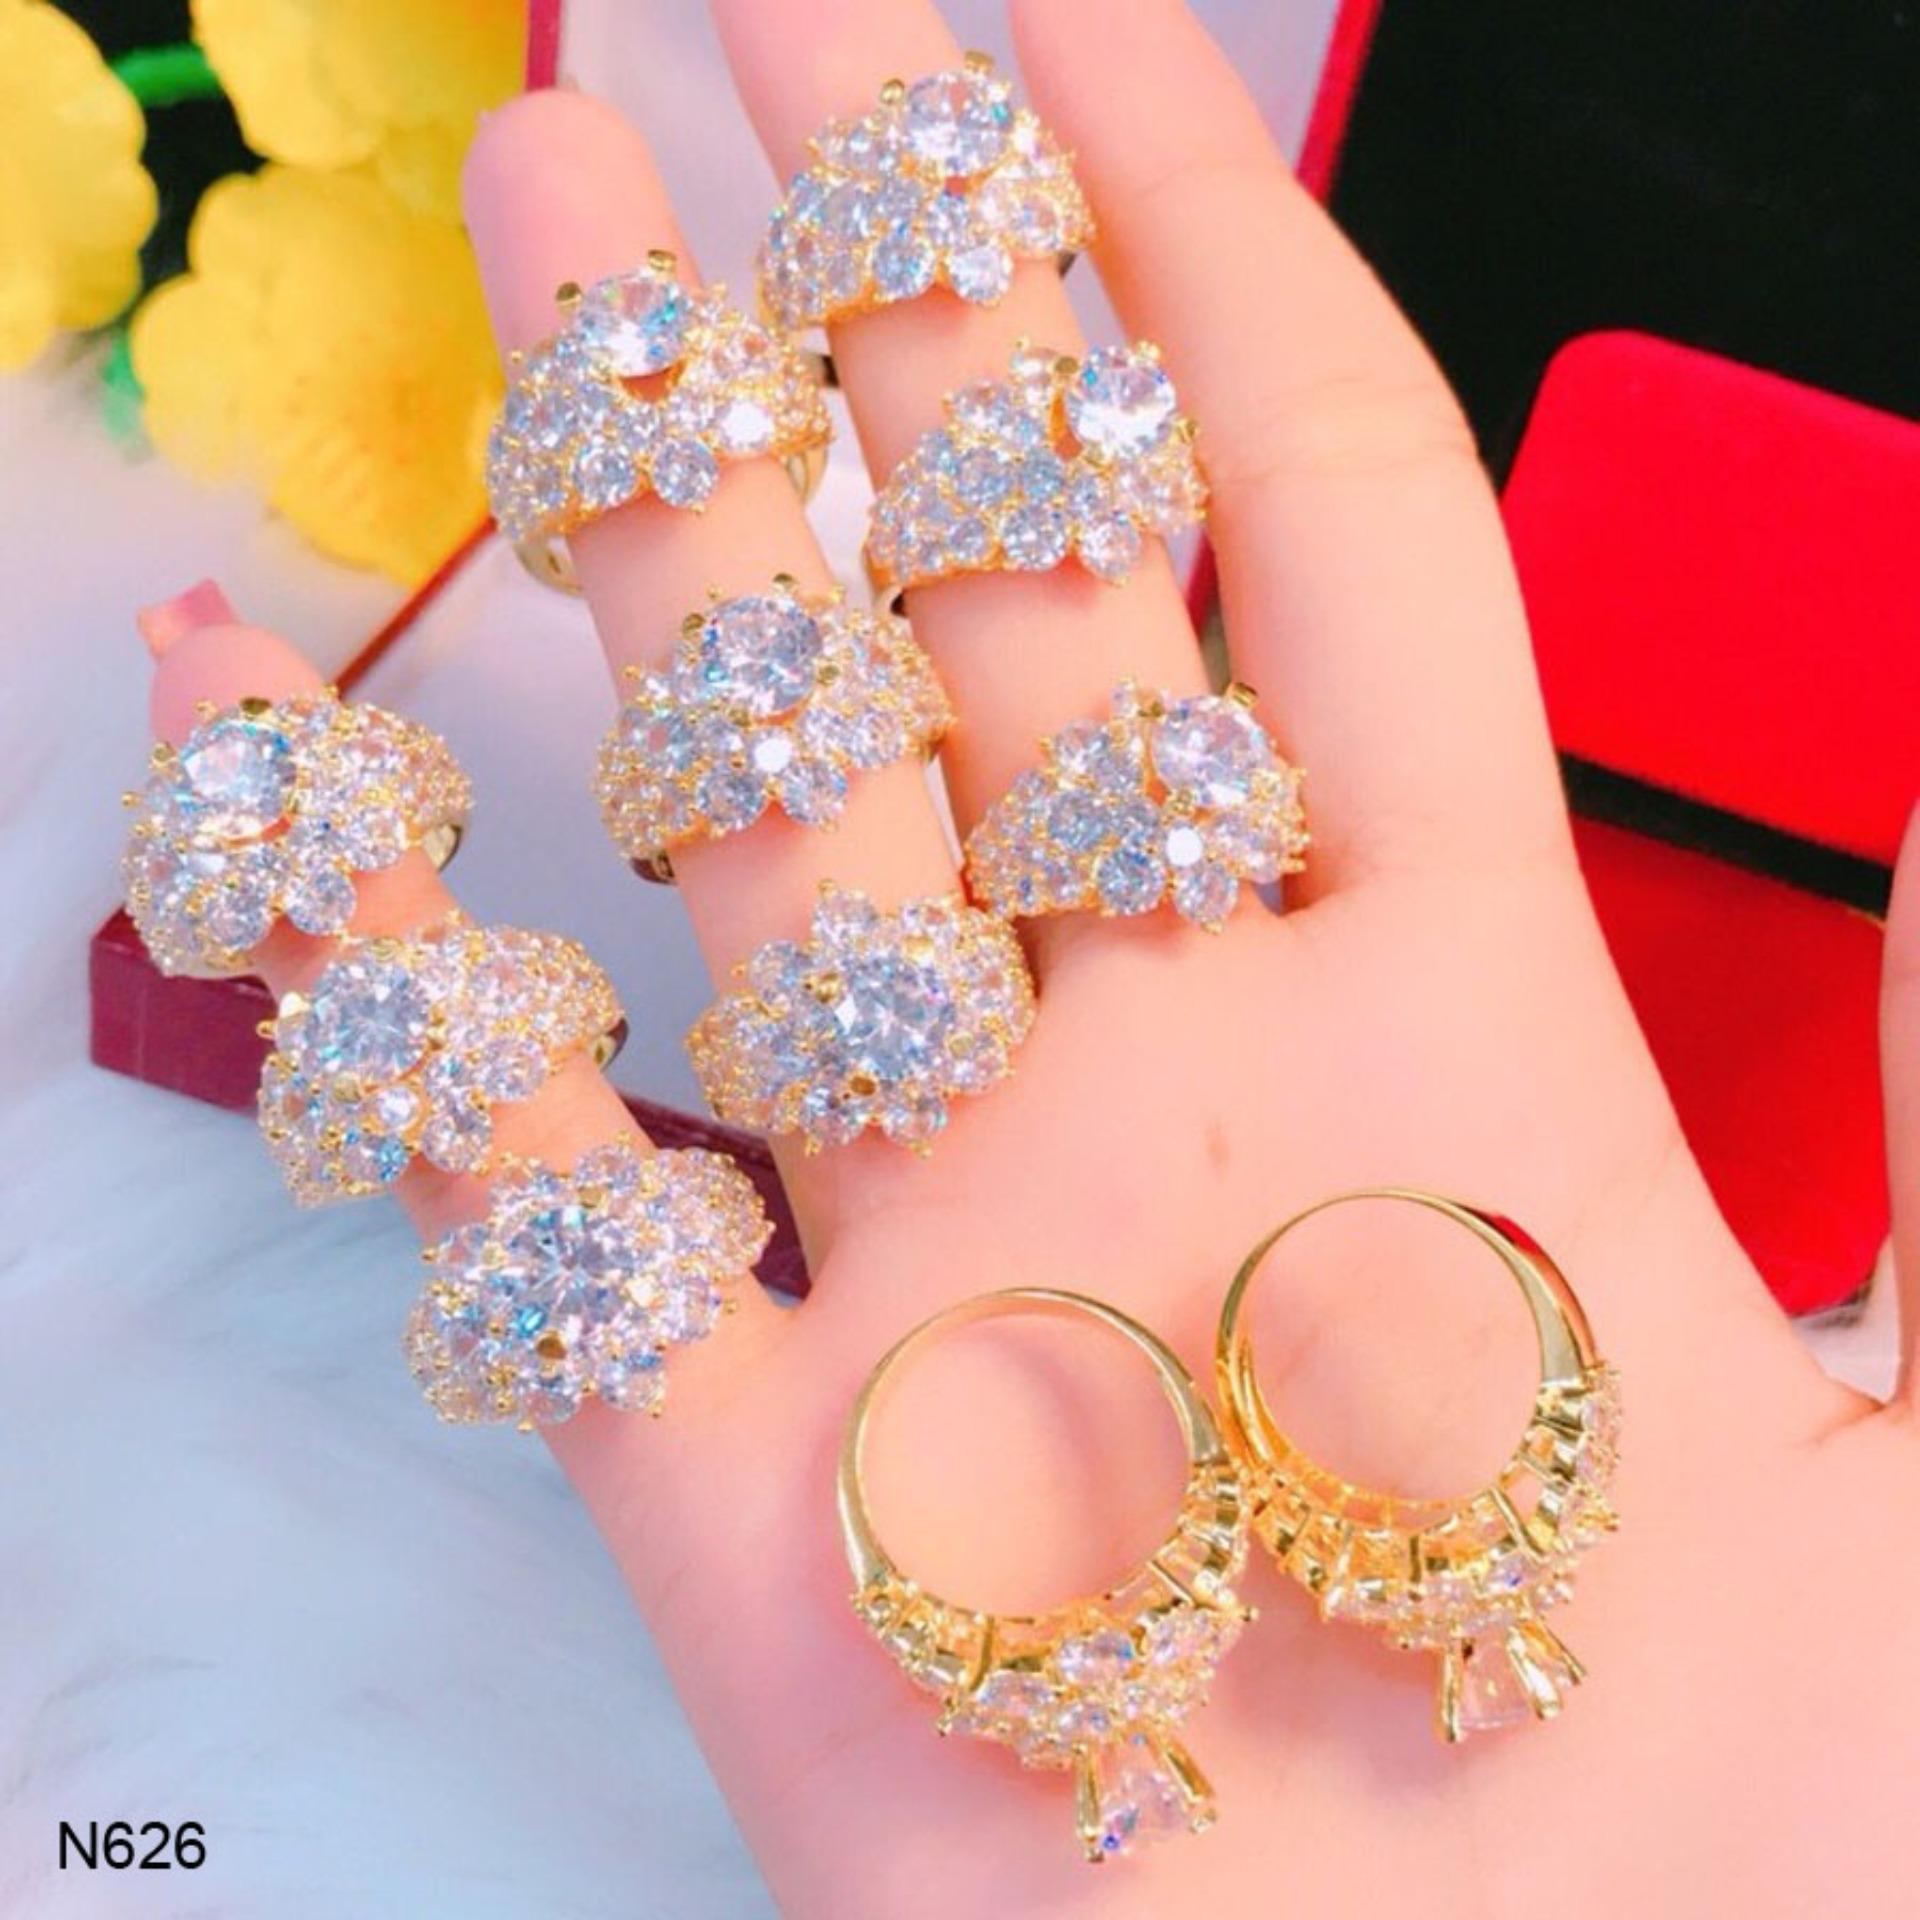 Nhẫn Nữ đính đá Sang Trọng Thiết Kế Cao Cấp Orin N626 Giá Ưu Đãi Không Thể Bỏ Lỡ